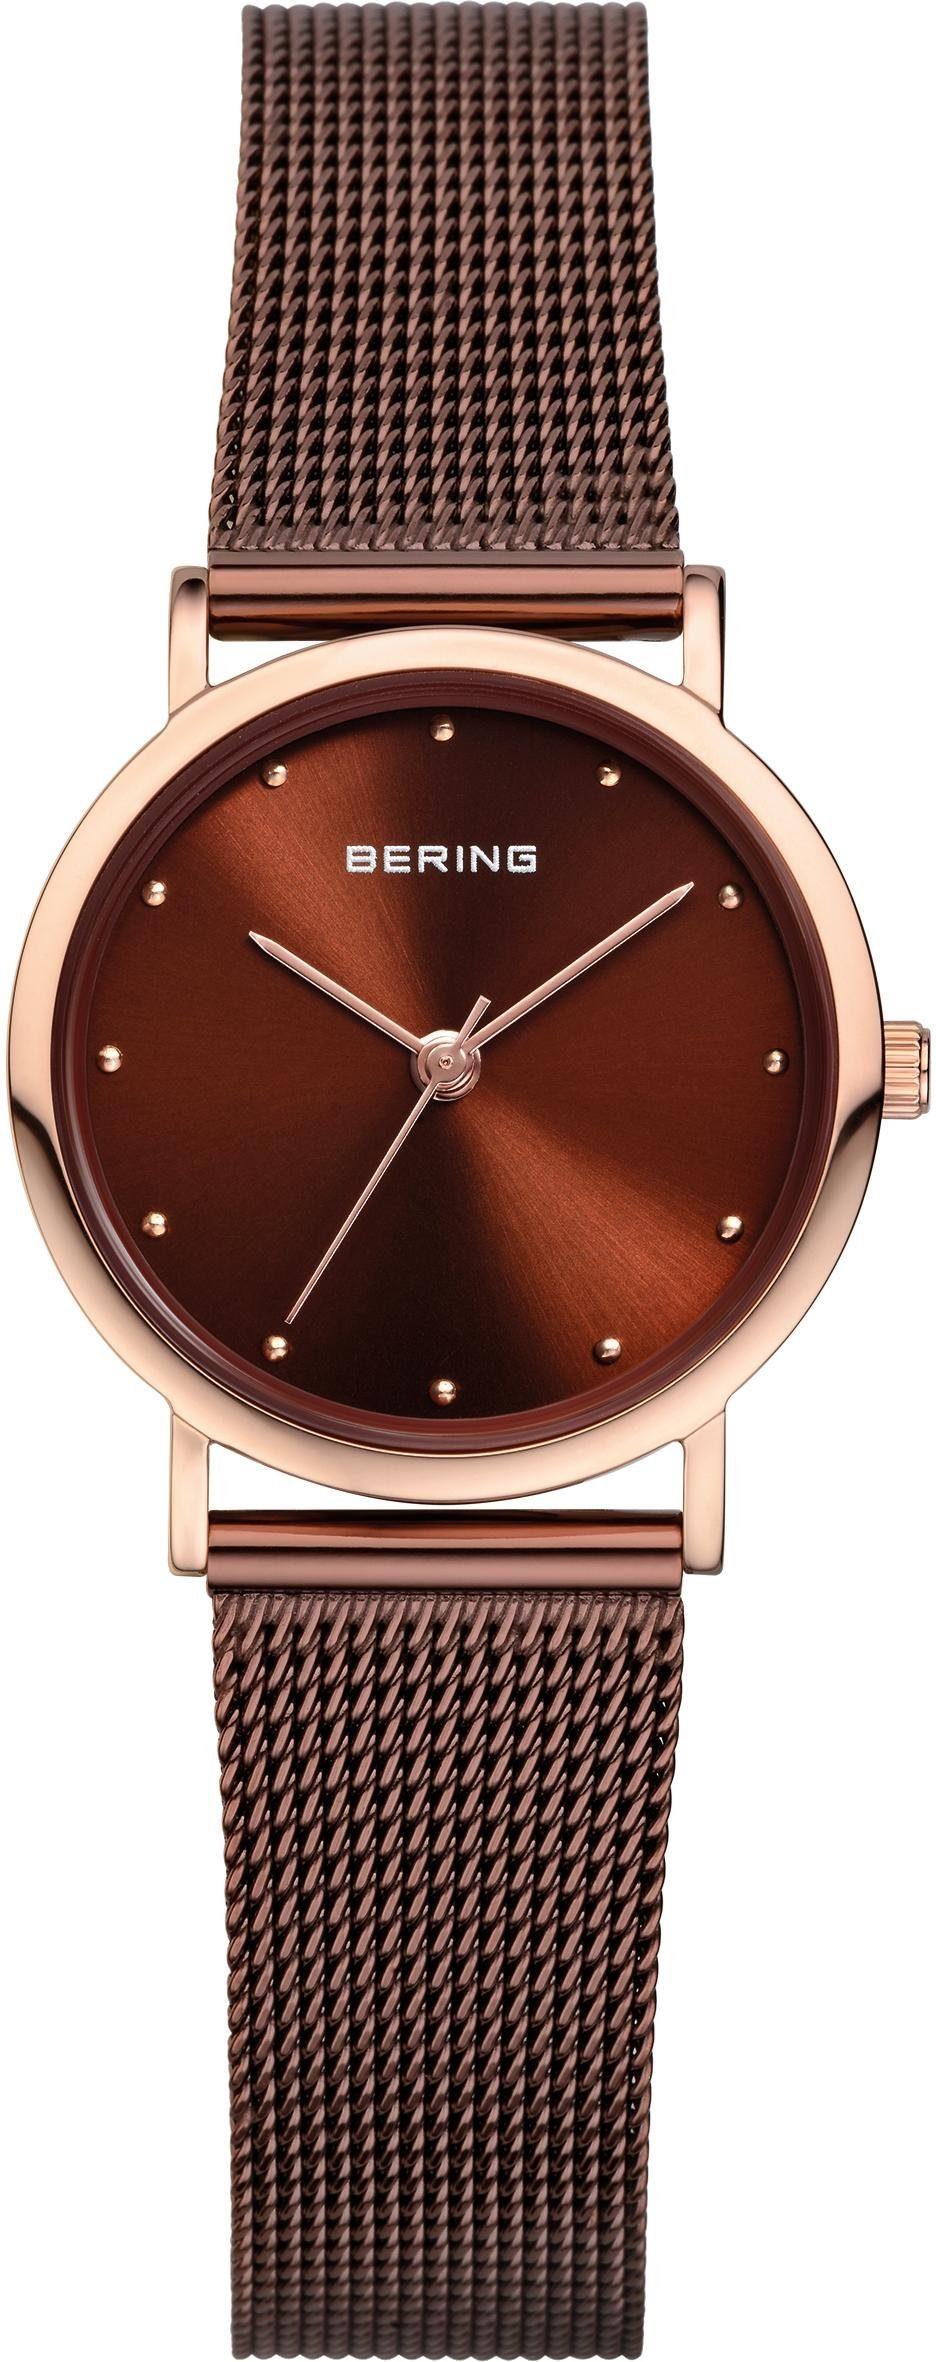 Bering Quarzuhr »13426-265«